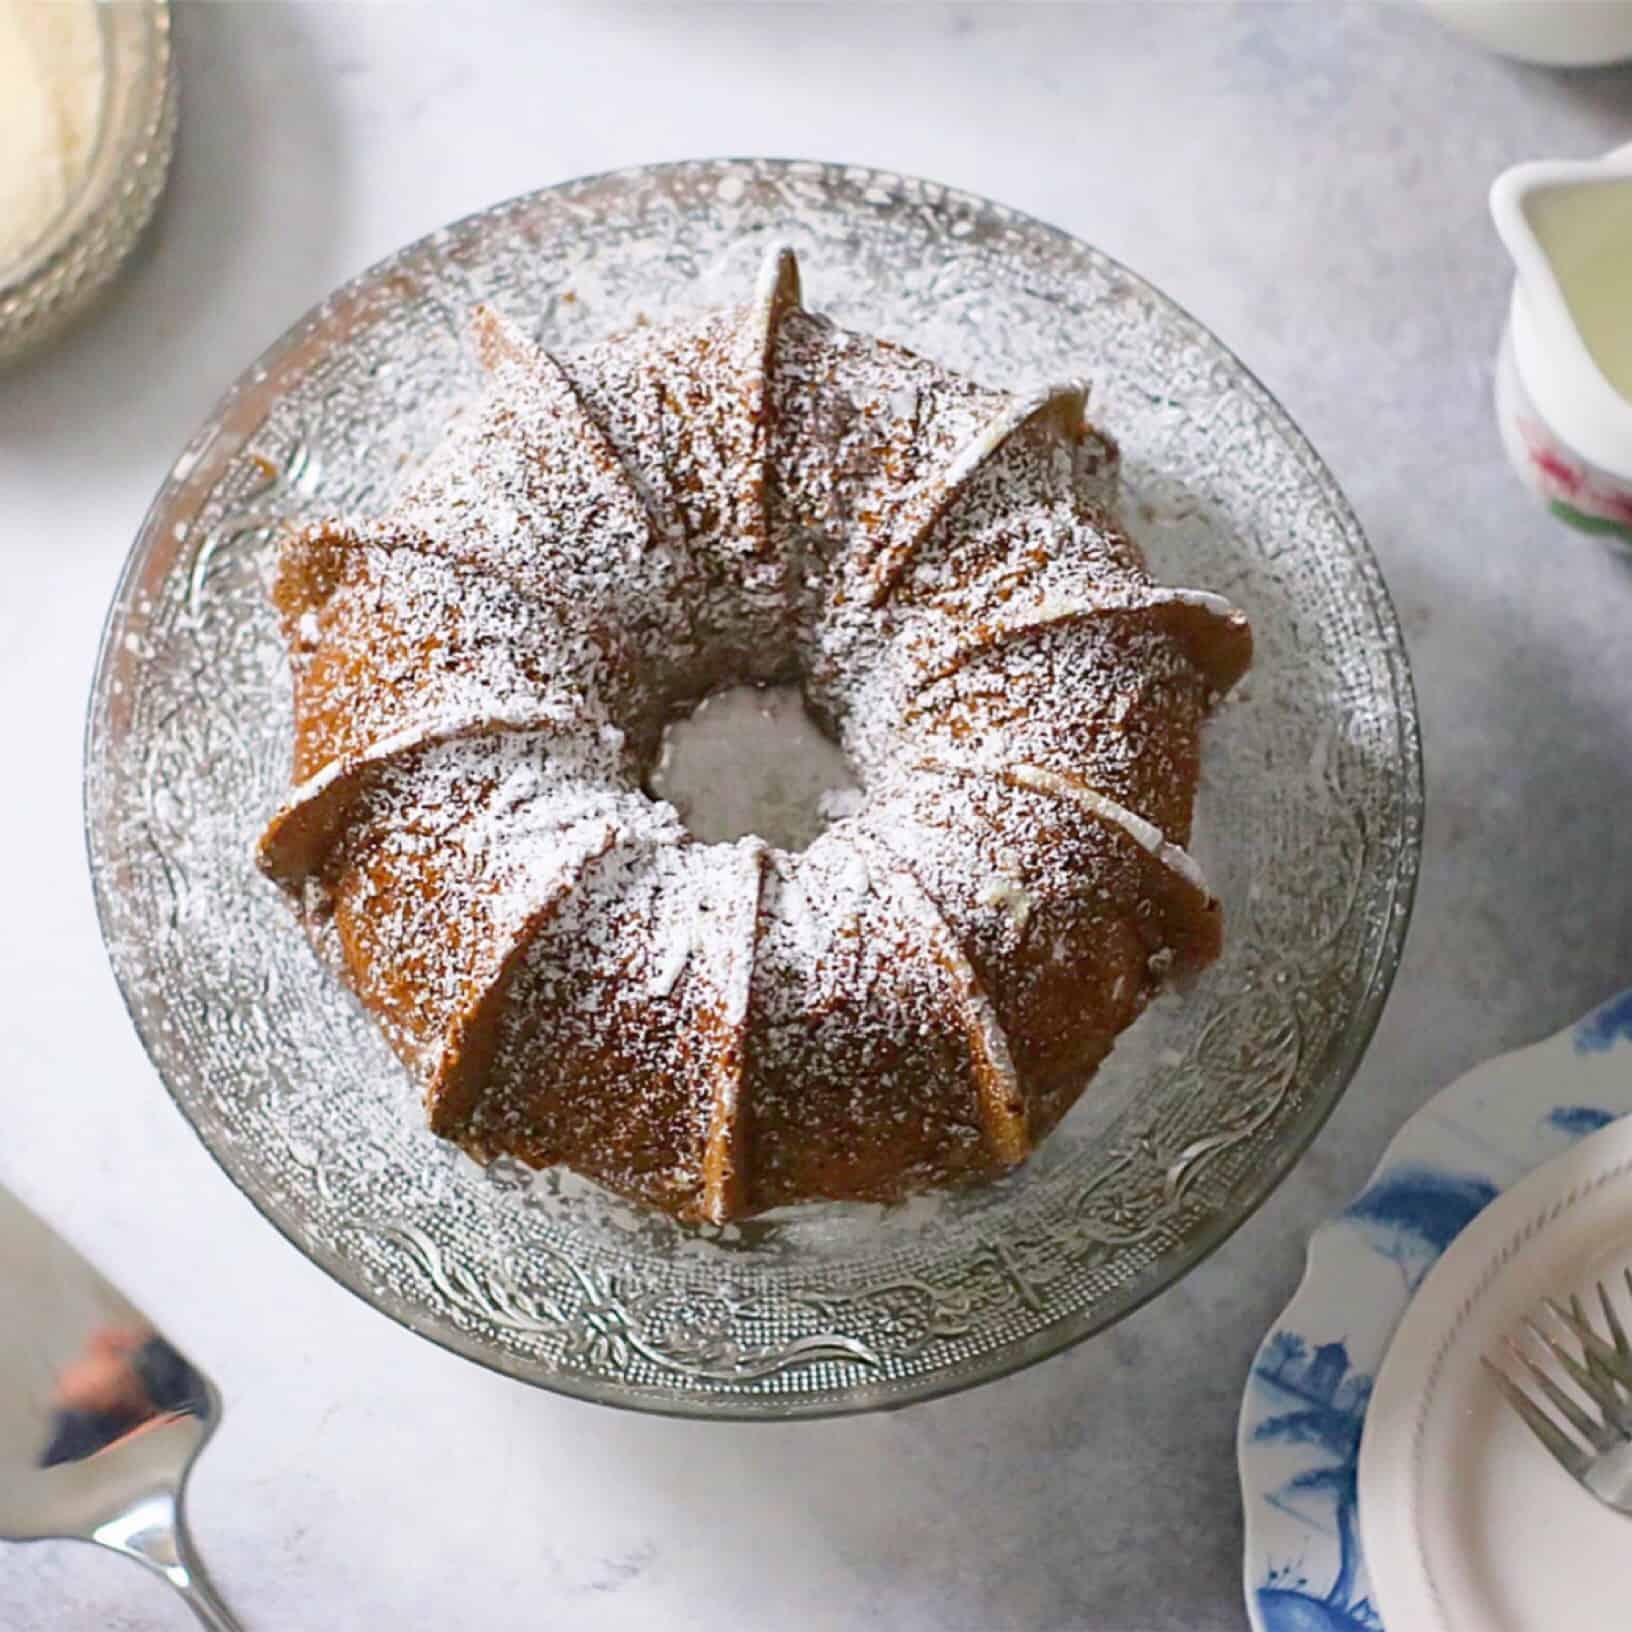 Grain-Free Molasses Cake